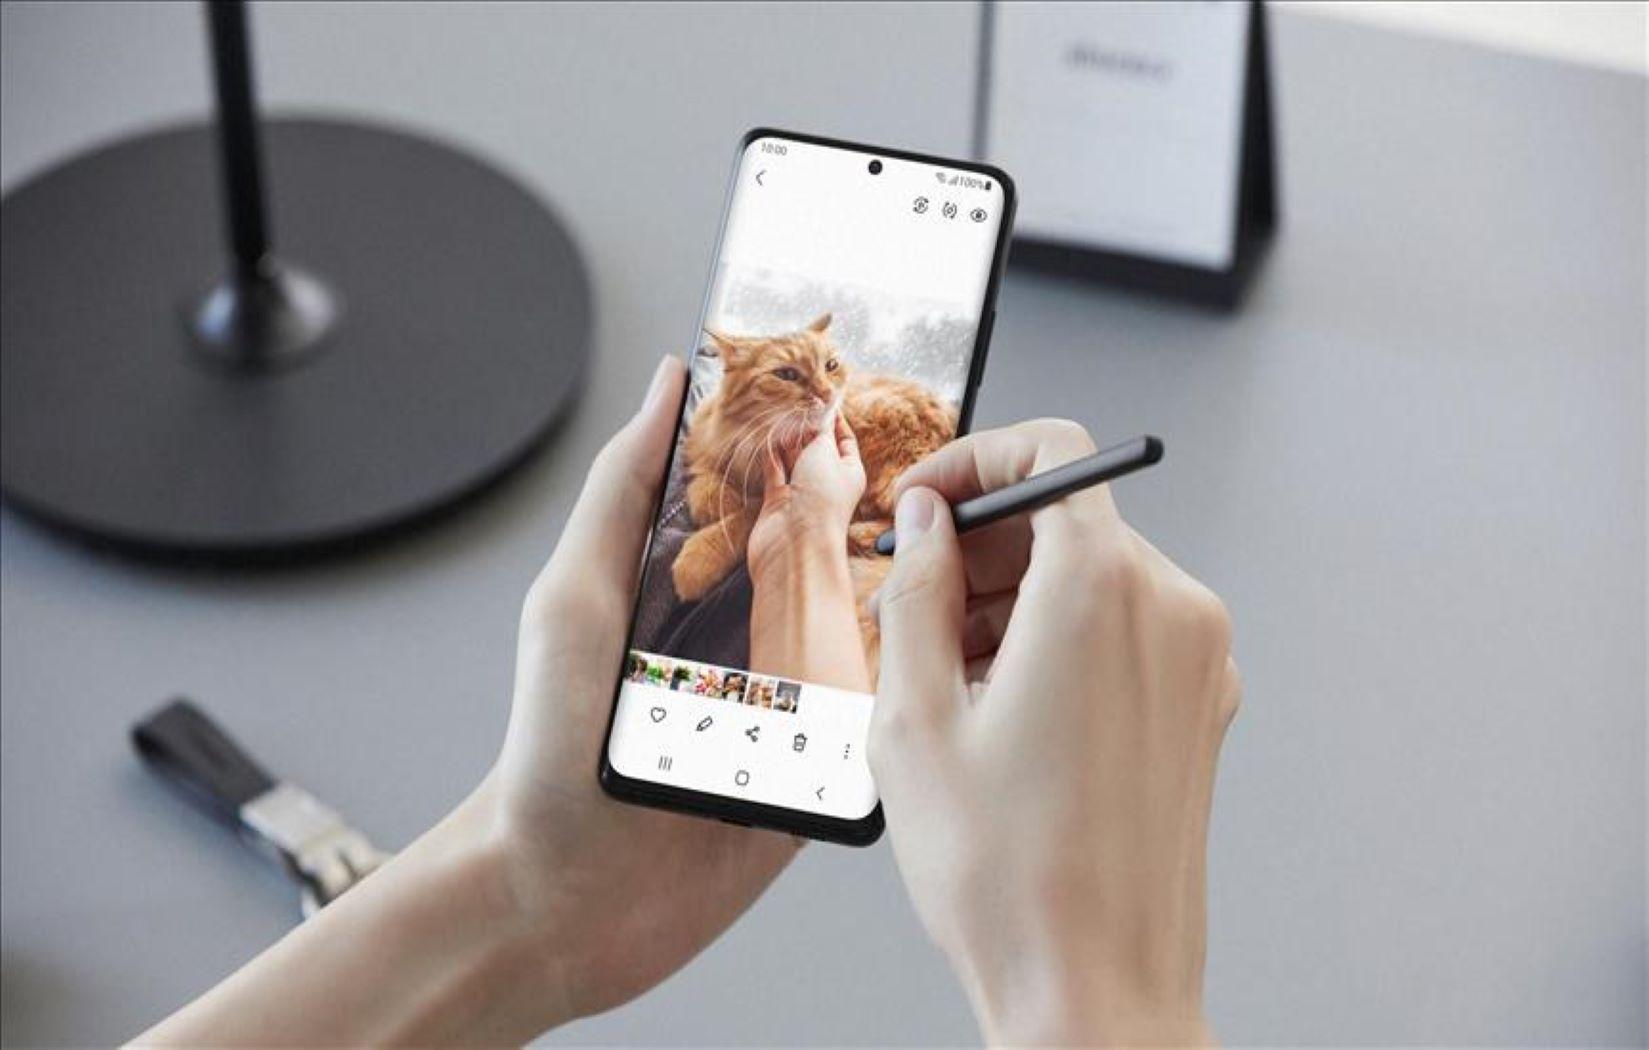 سامسونج جالاكسي S21 Ultra 5G يحصل على جائزة أفضل هاتف ذكي عالمياً